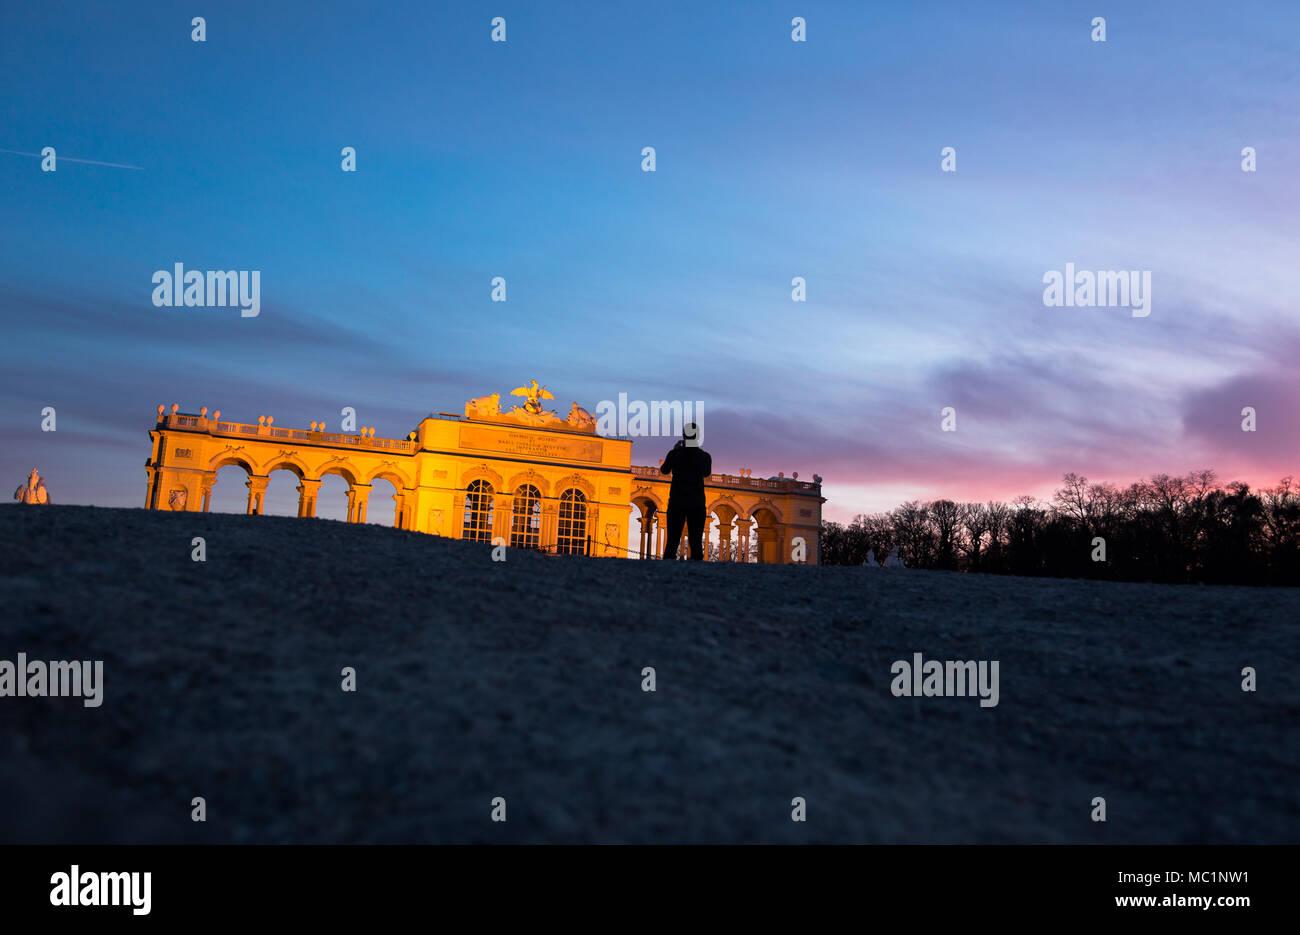 Gloriette im Schönbrunner Schloss Park am späten Abend in der Goldenen Stunde Licht. Niedrig, Weitwinkel Perspektive, schießen aus dem Boden. Touristische einen Ph Stockbild